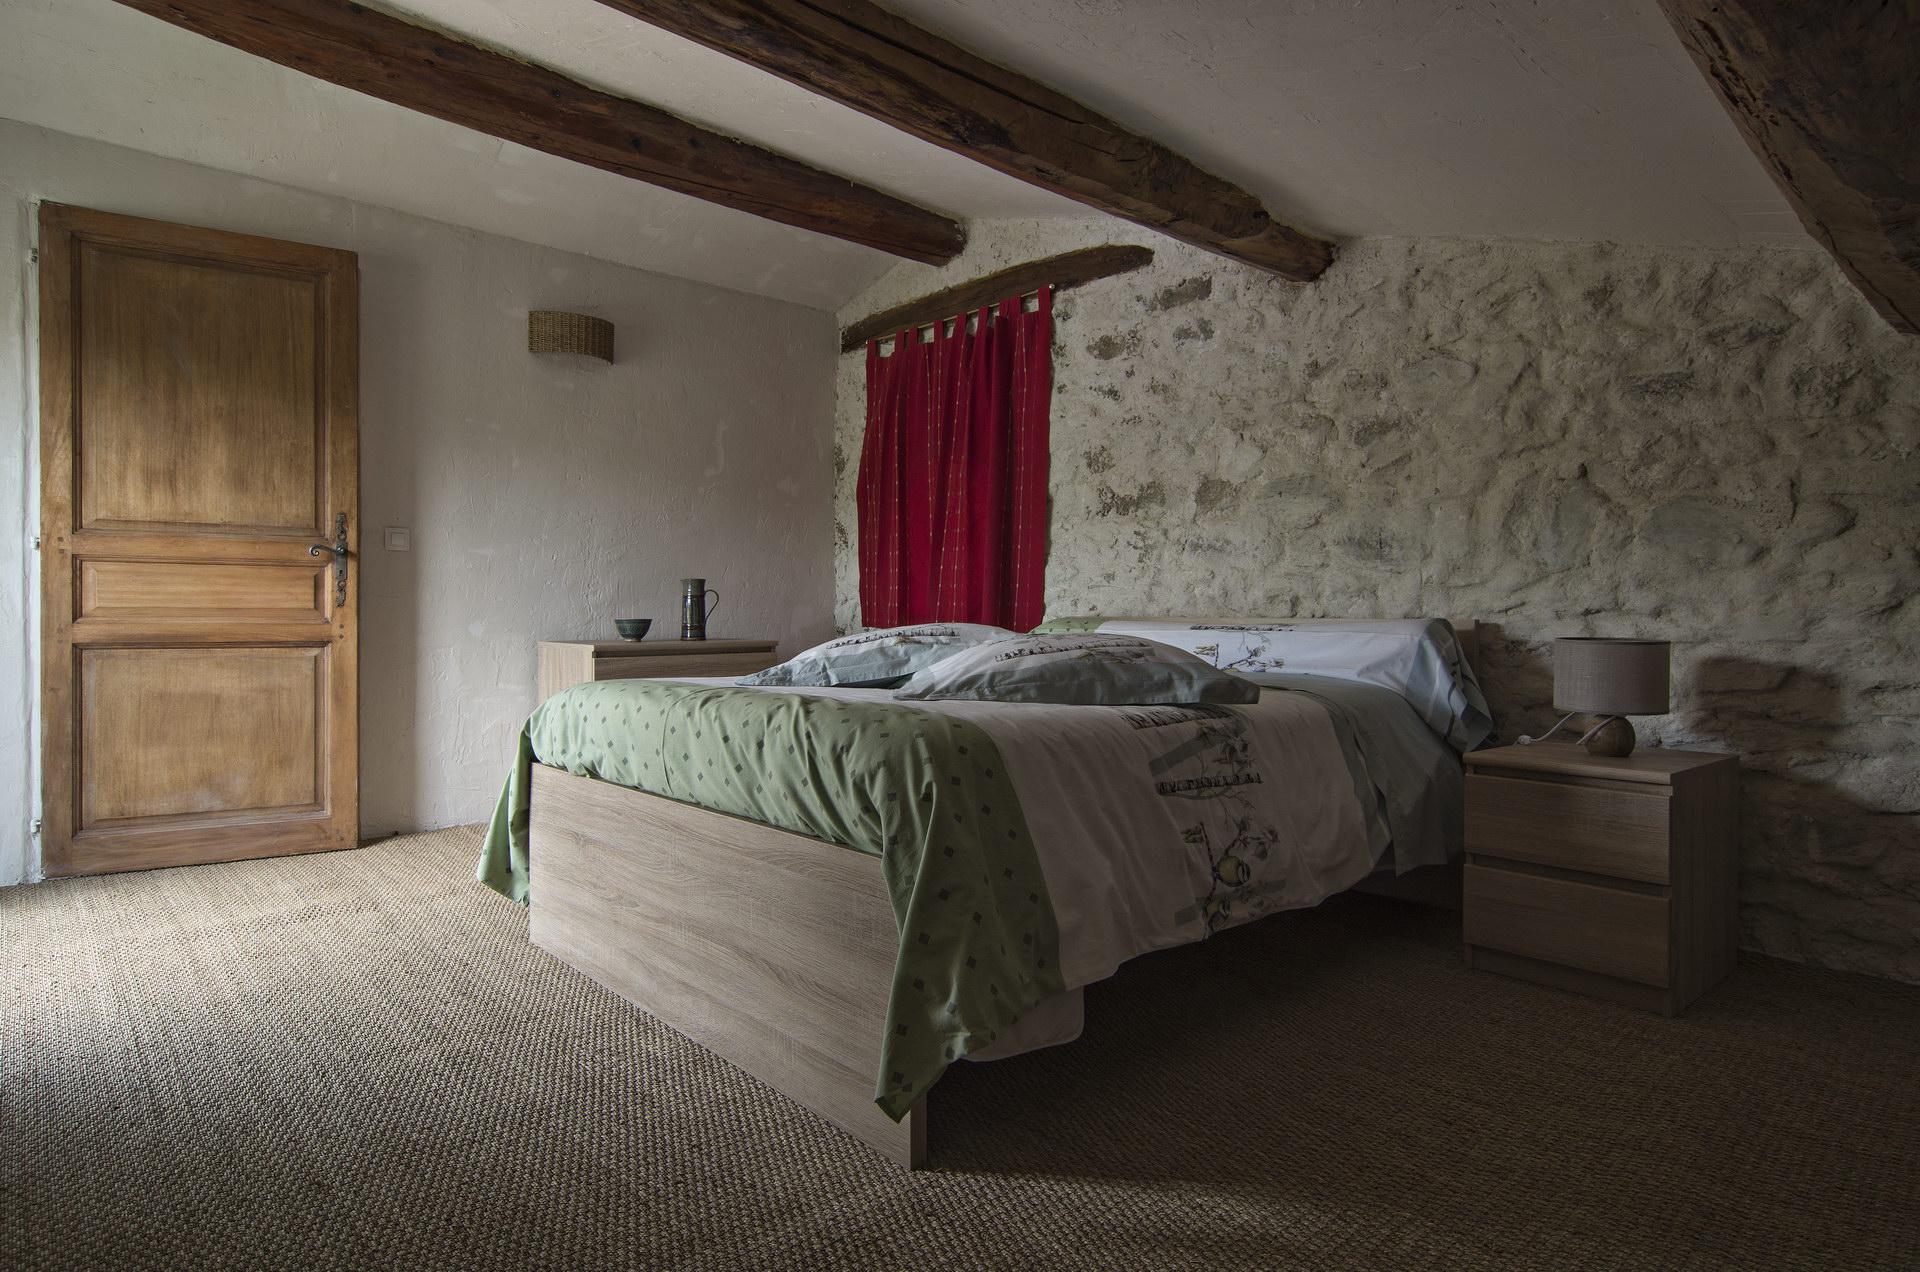 Fontaine Neuve gites et chambres d'hôtes à Lure : la chambre hirondelle